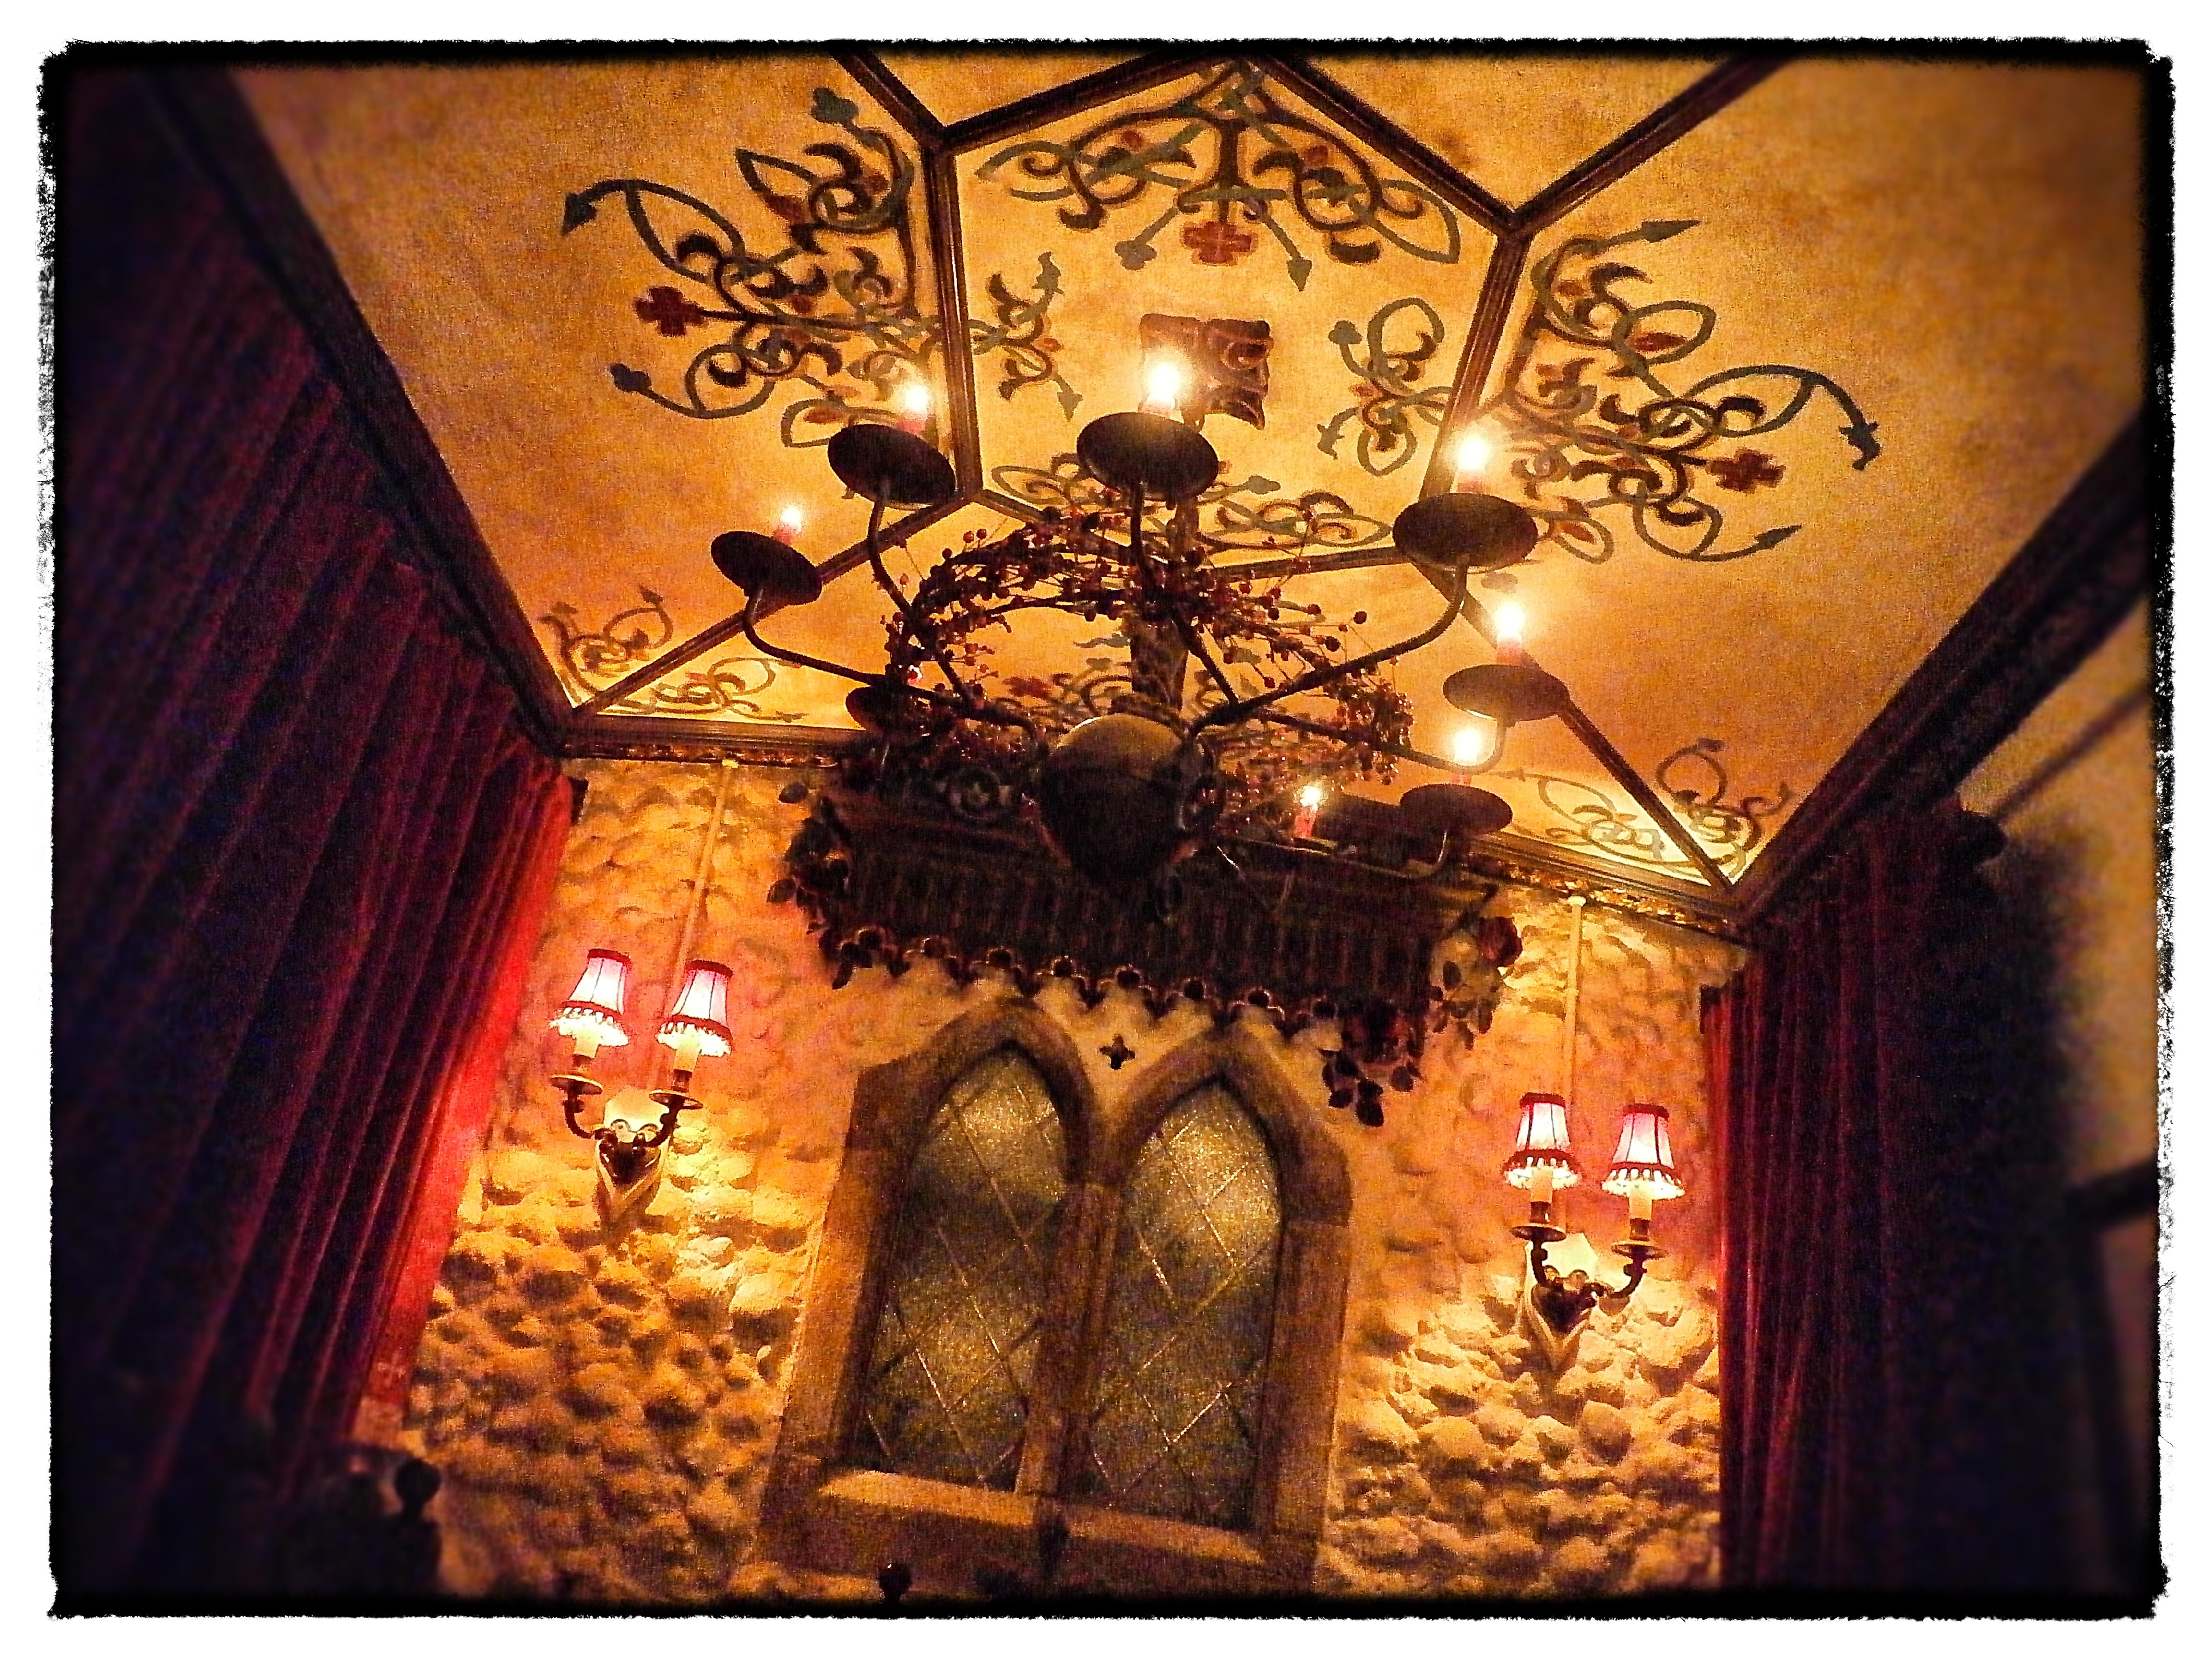 Neverland table10_Snapseed.jpg